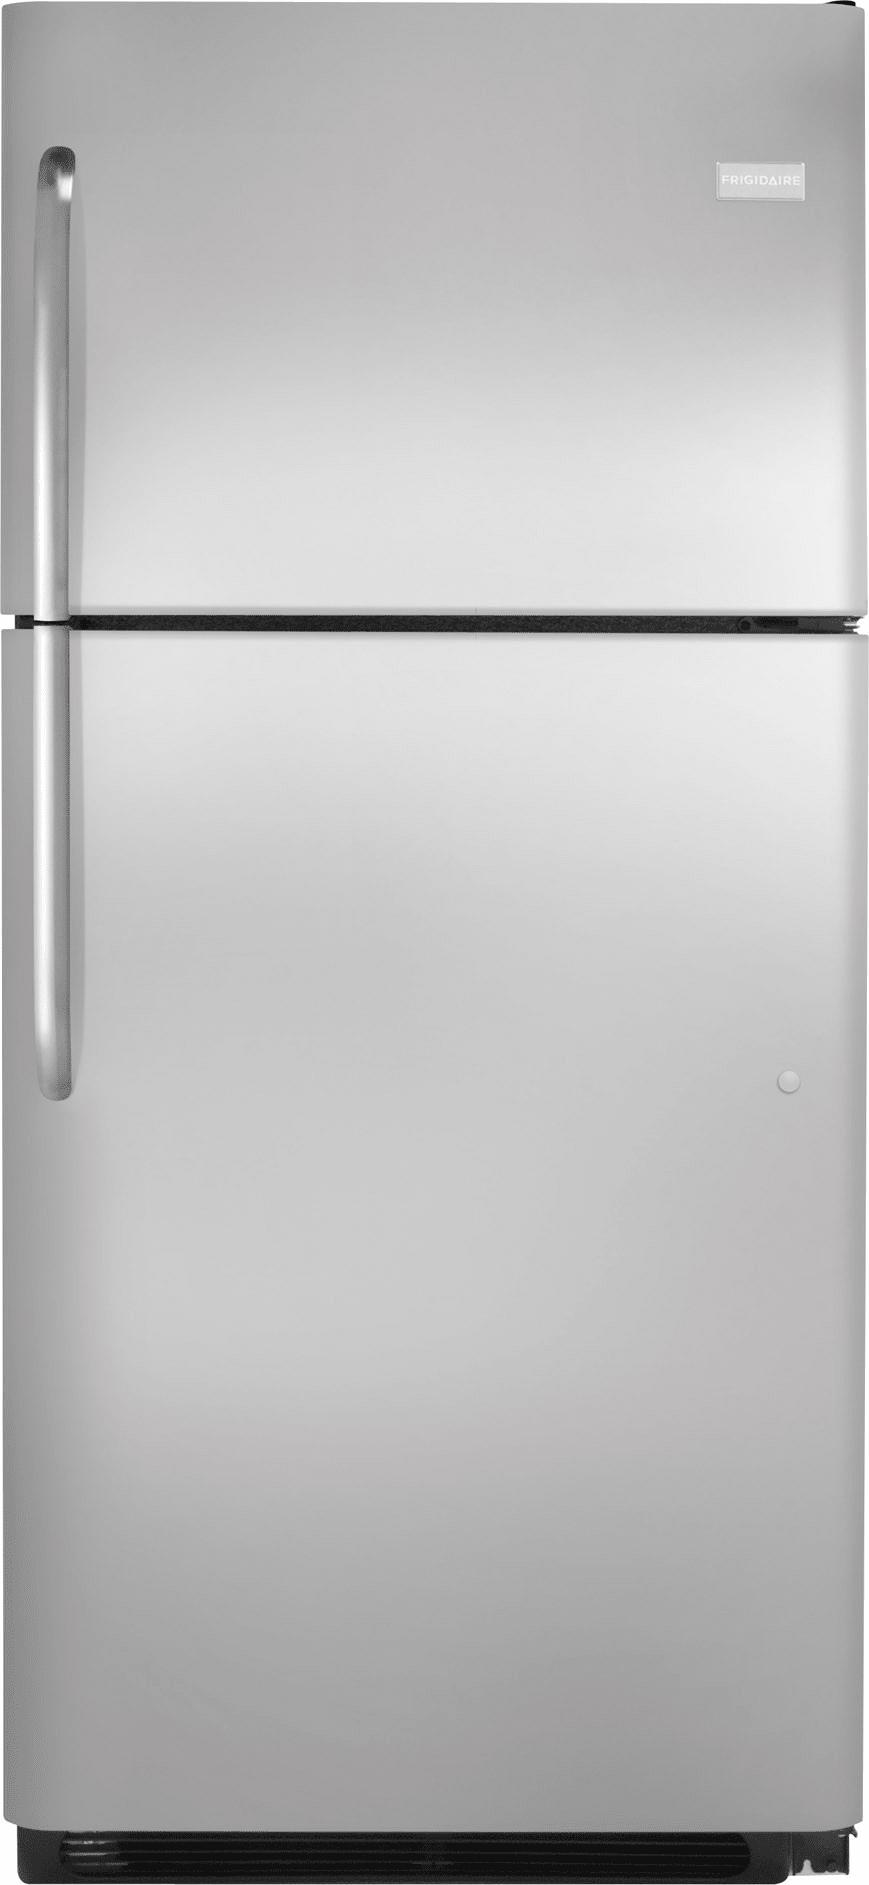 Frigidaire Ffht2131qs 30 Inch Top Freezer Refrigerator